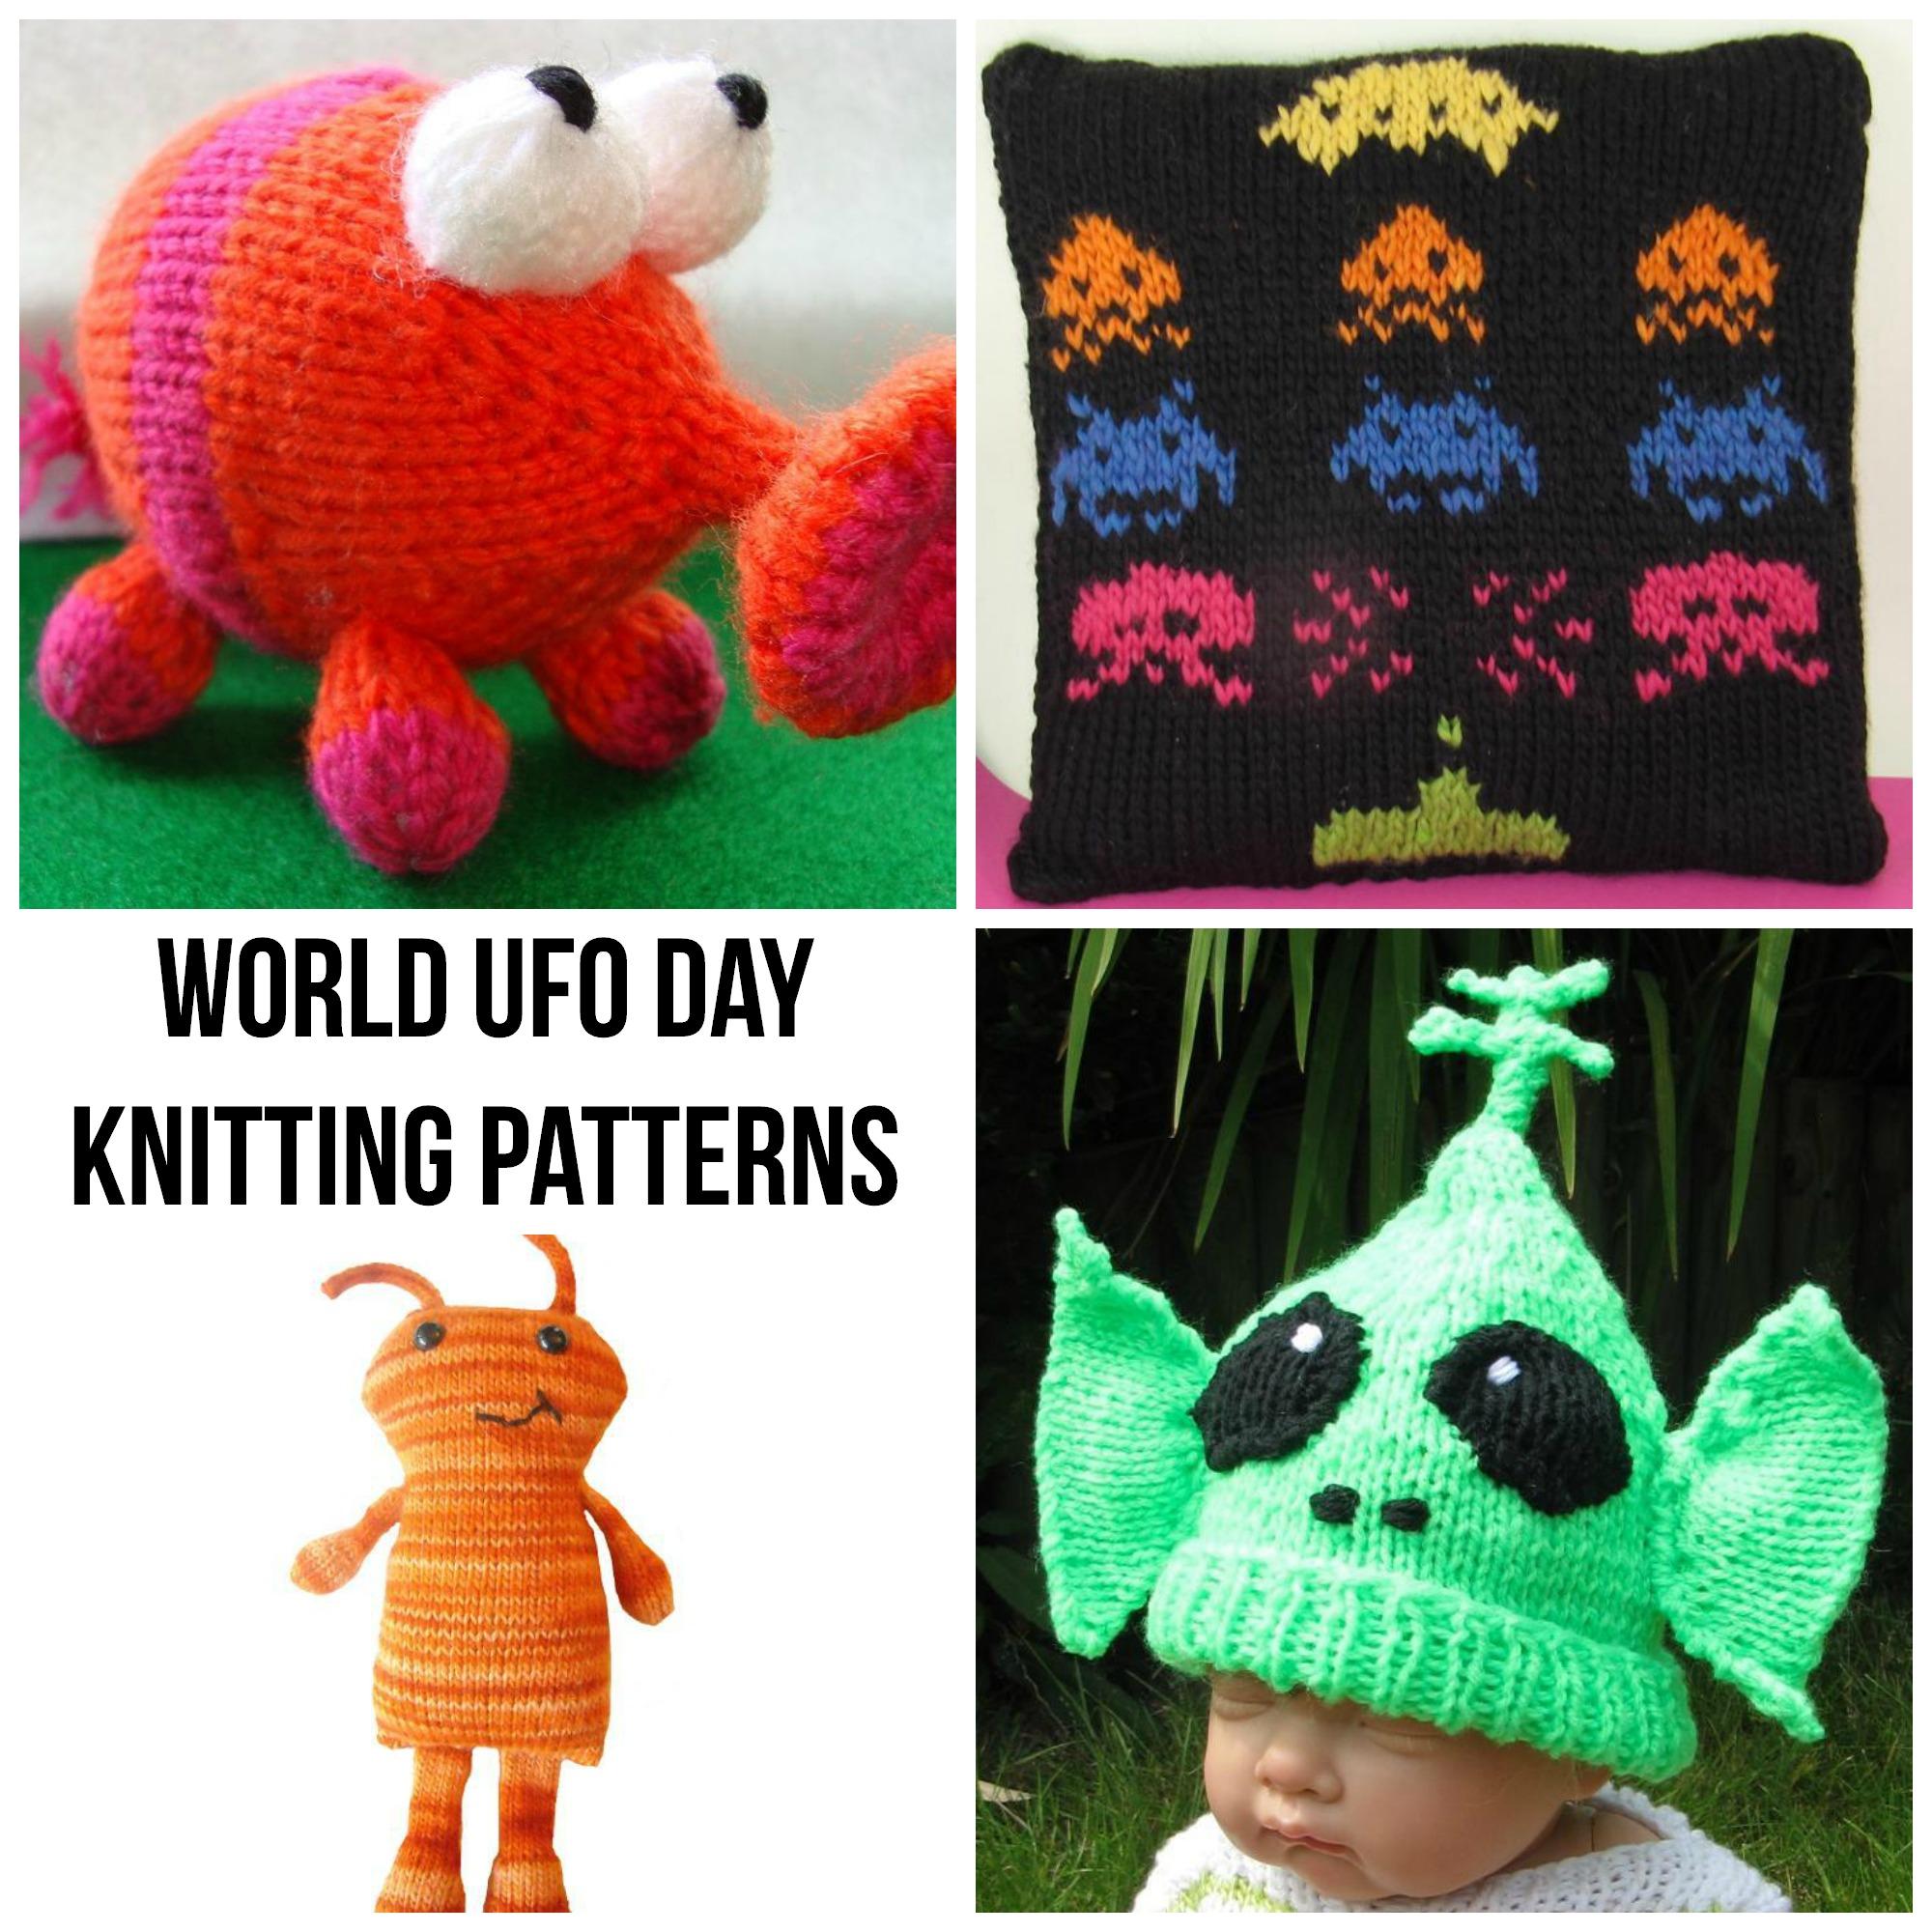 World UFO Day Knitting Patterns